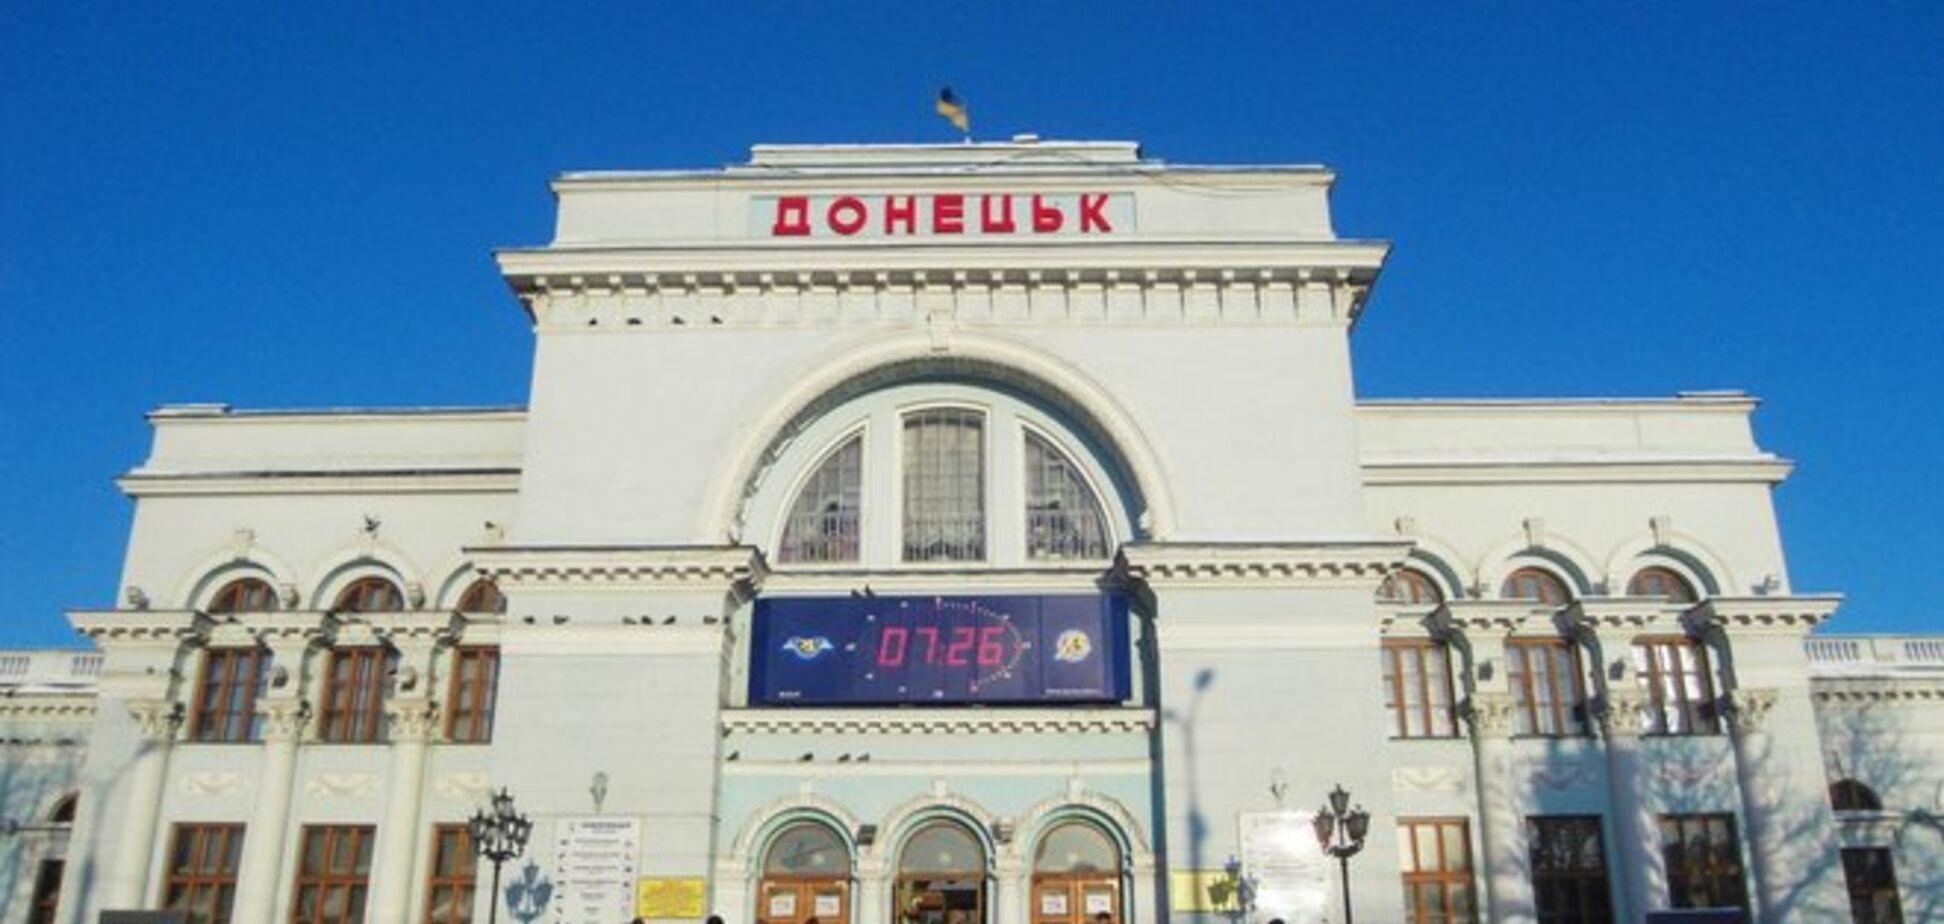 Уехать из Донецка все сложнее: люди часами стоят в очередях за билетами